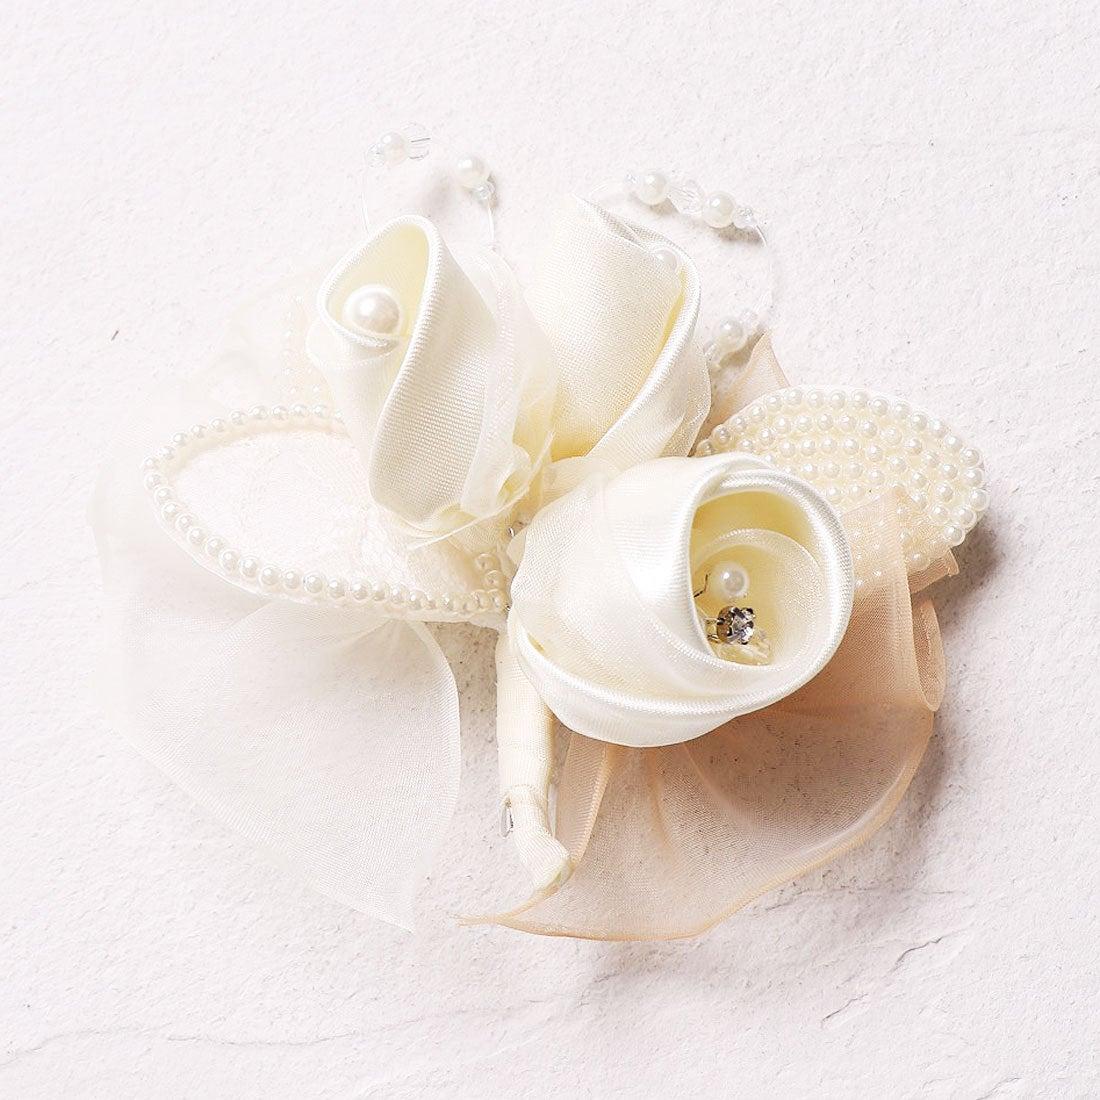 ロコンド 靴とファッションの通販サイトプレンドレ ラ ジョア prendre la joie パールリーフ巻き花コサージュ (ホワイト)